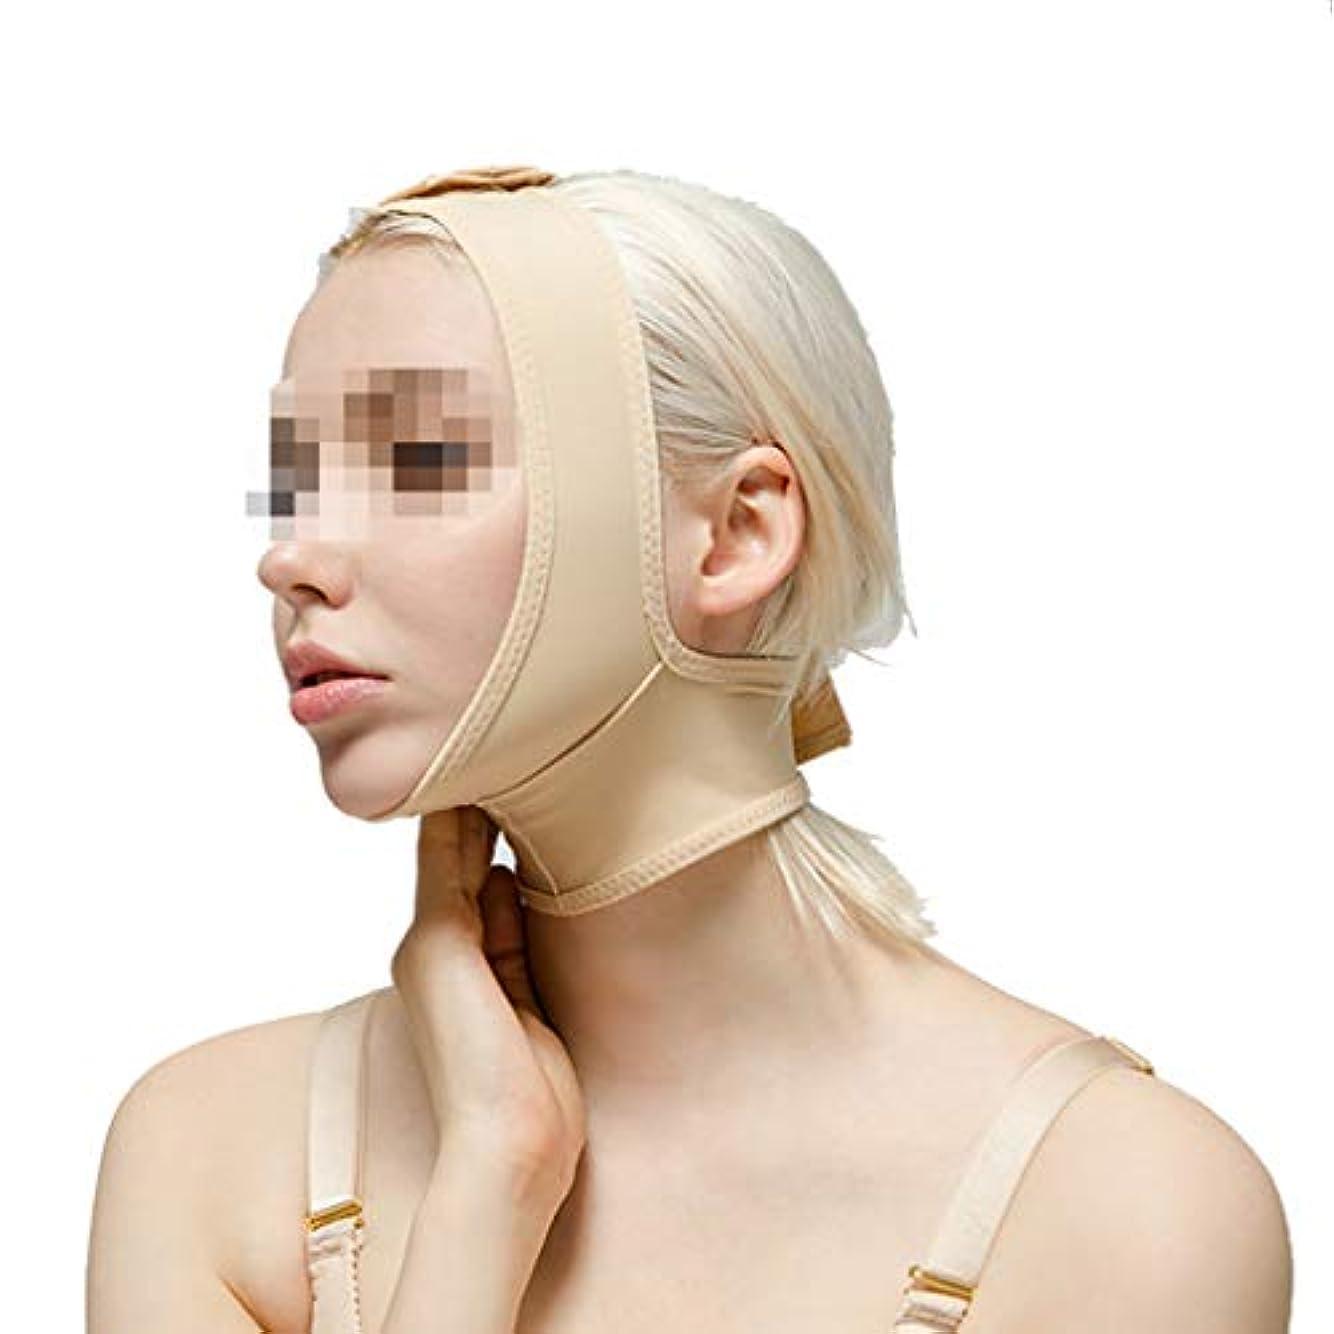 ストレージ偽物貢献XHLMRMJ 術後の弾性スリーブ、下顎の束フェイス包帯フェイシャルビームダブルチンシンフェイスマスクマルチサイズオプション (Size : XXL)